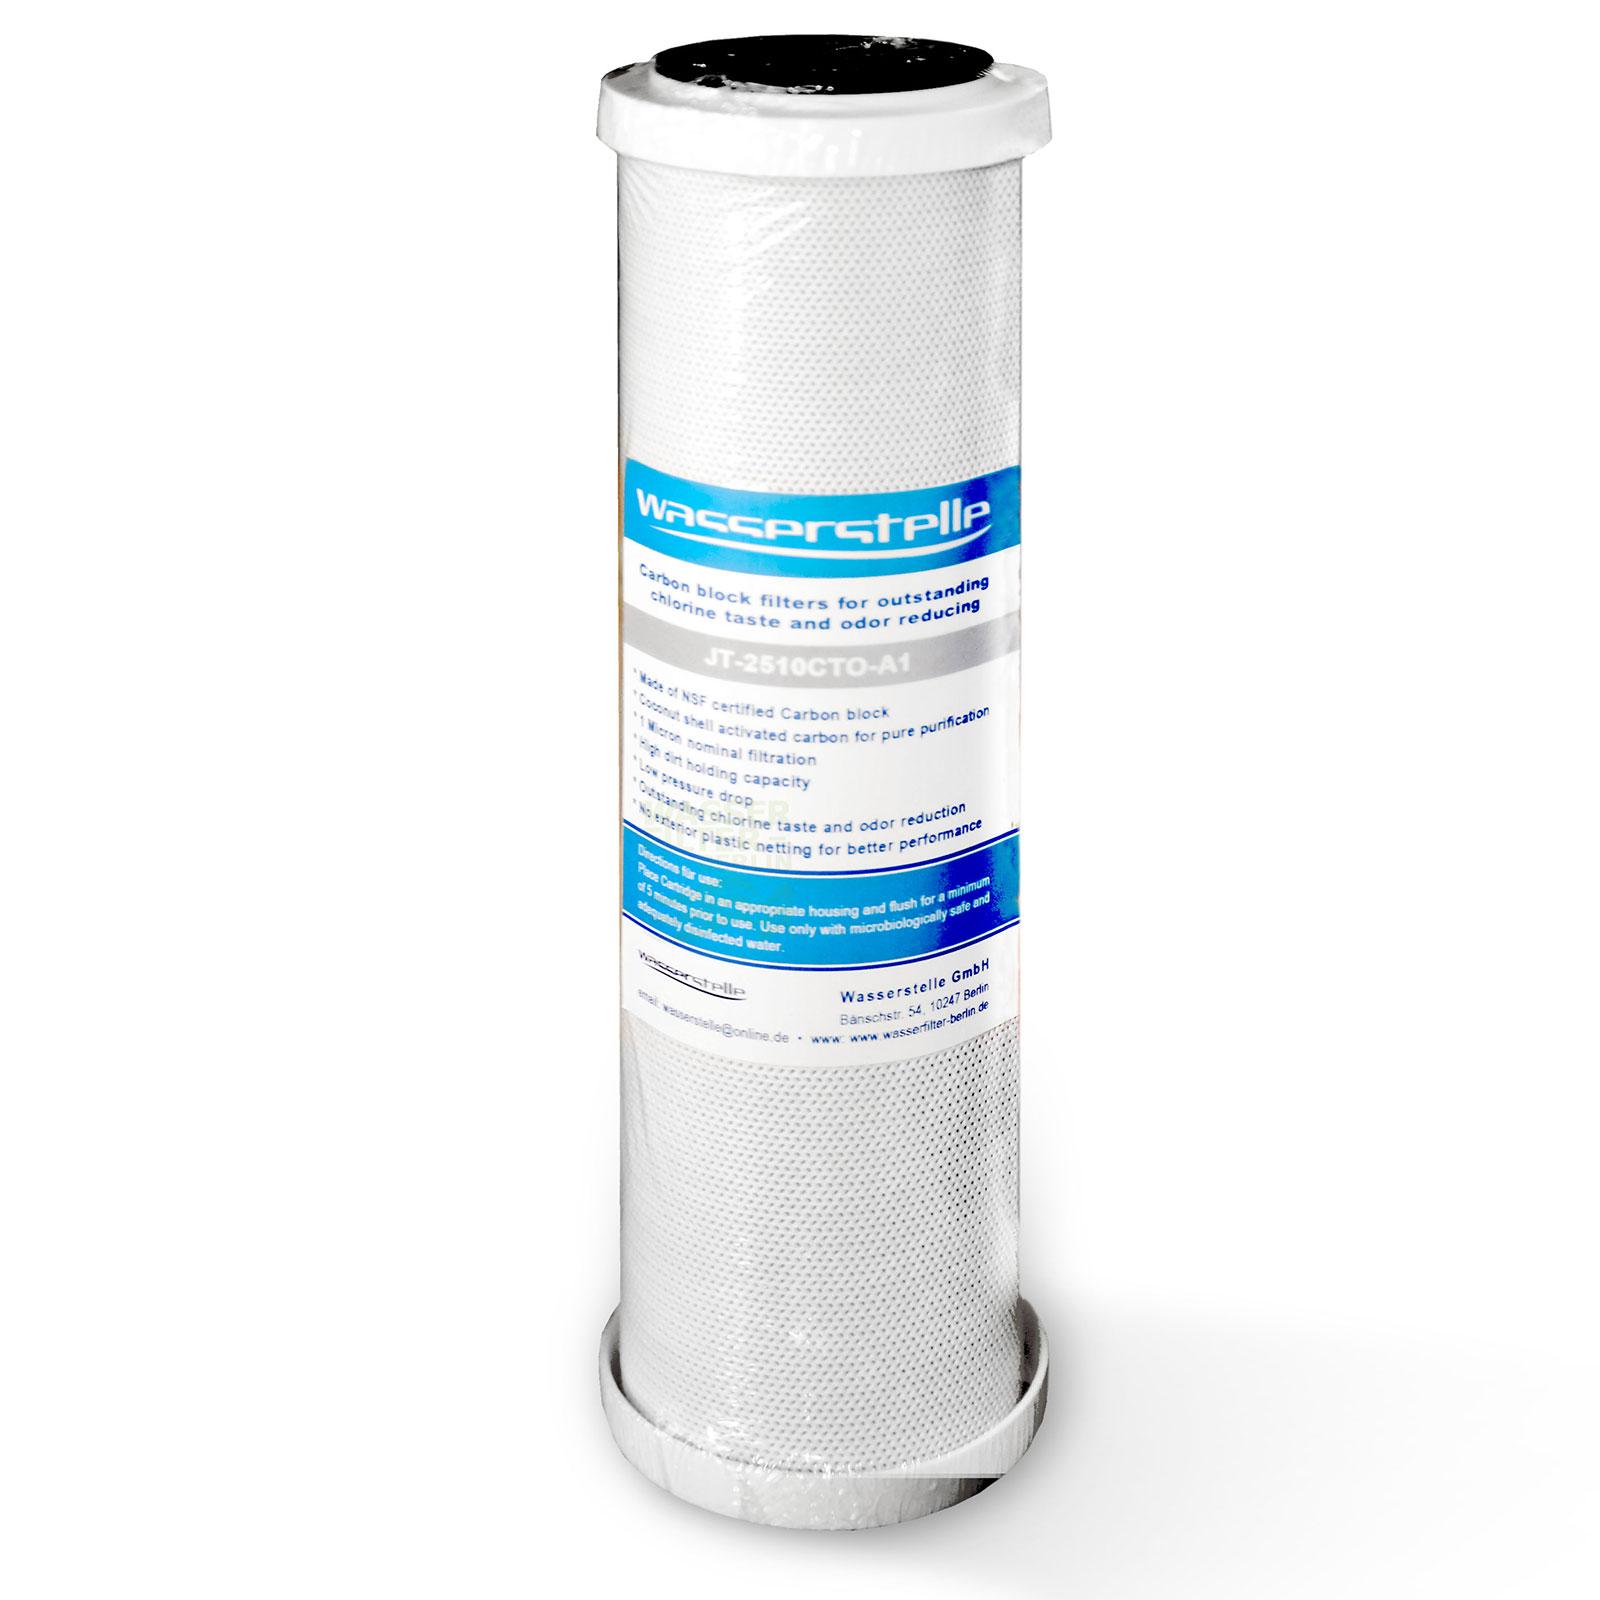 MFP CTO-Aktivkohleblock 1µm, Wasserstelle , 10